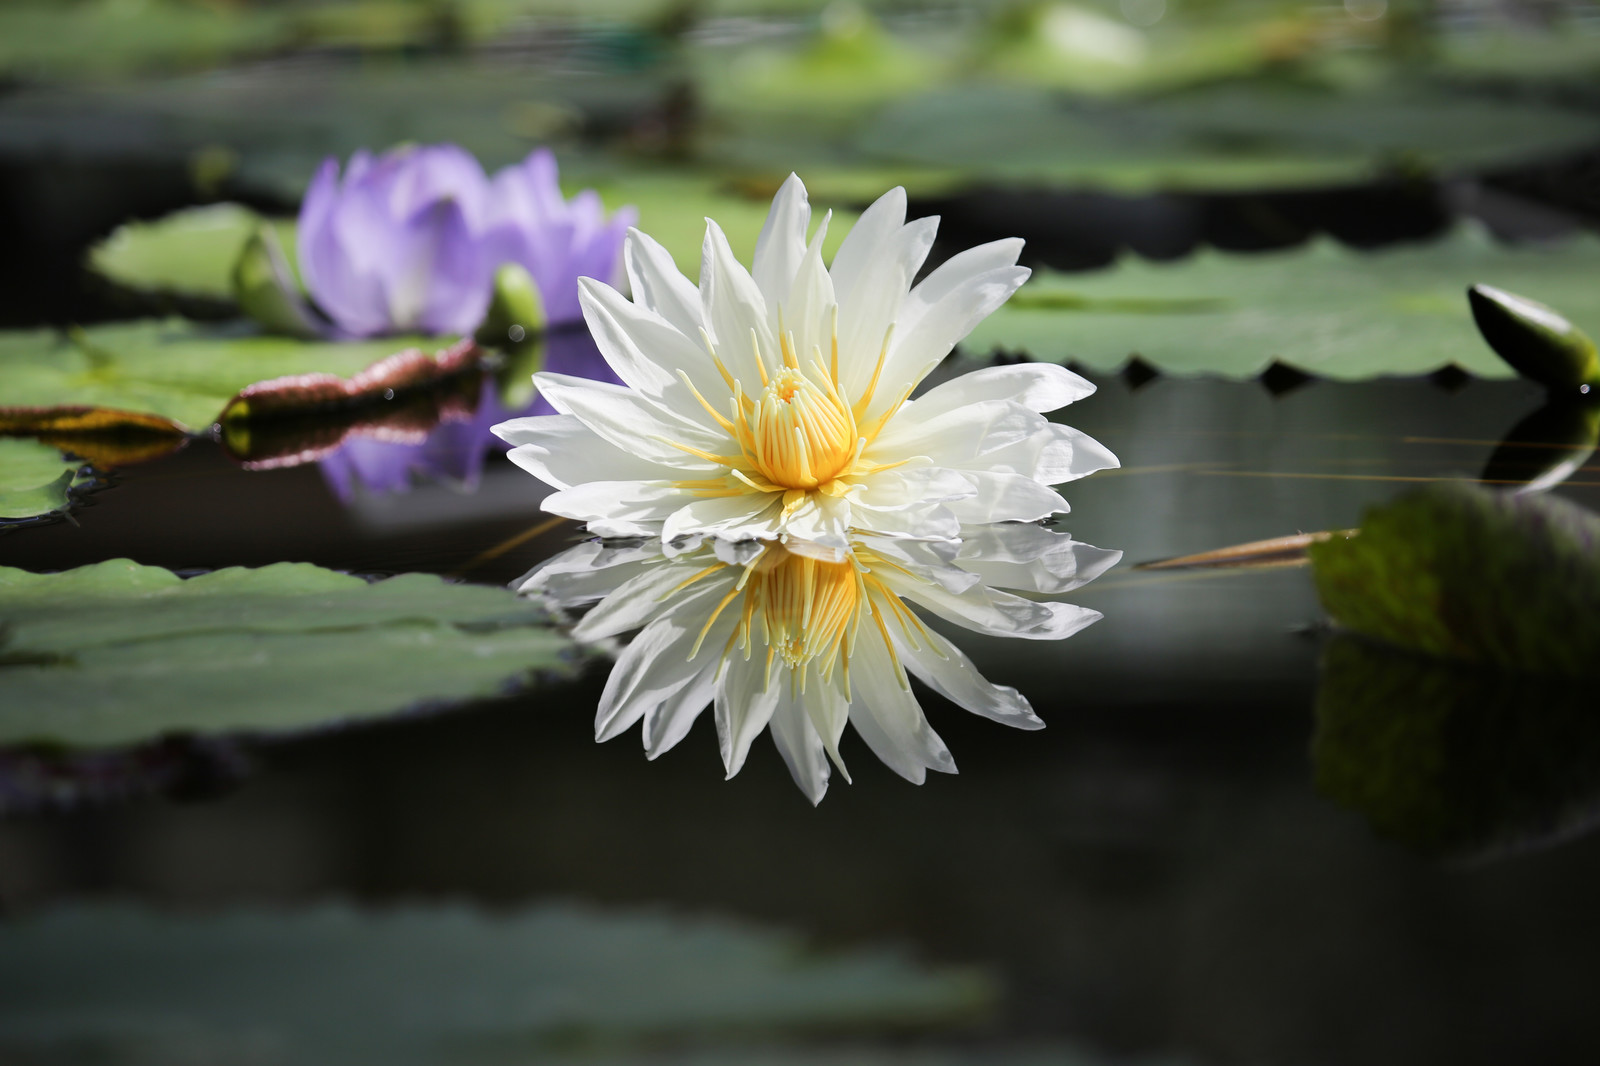 「湖面に反射する睡蓮の花」の写真